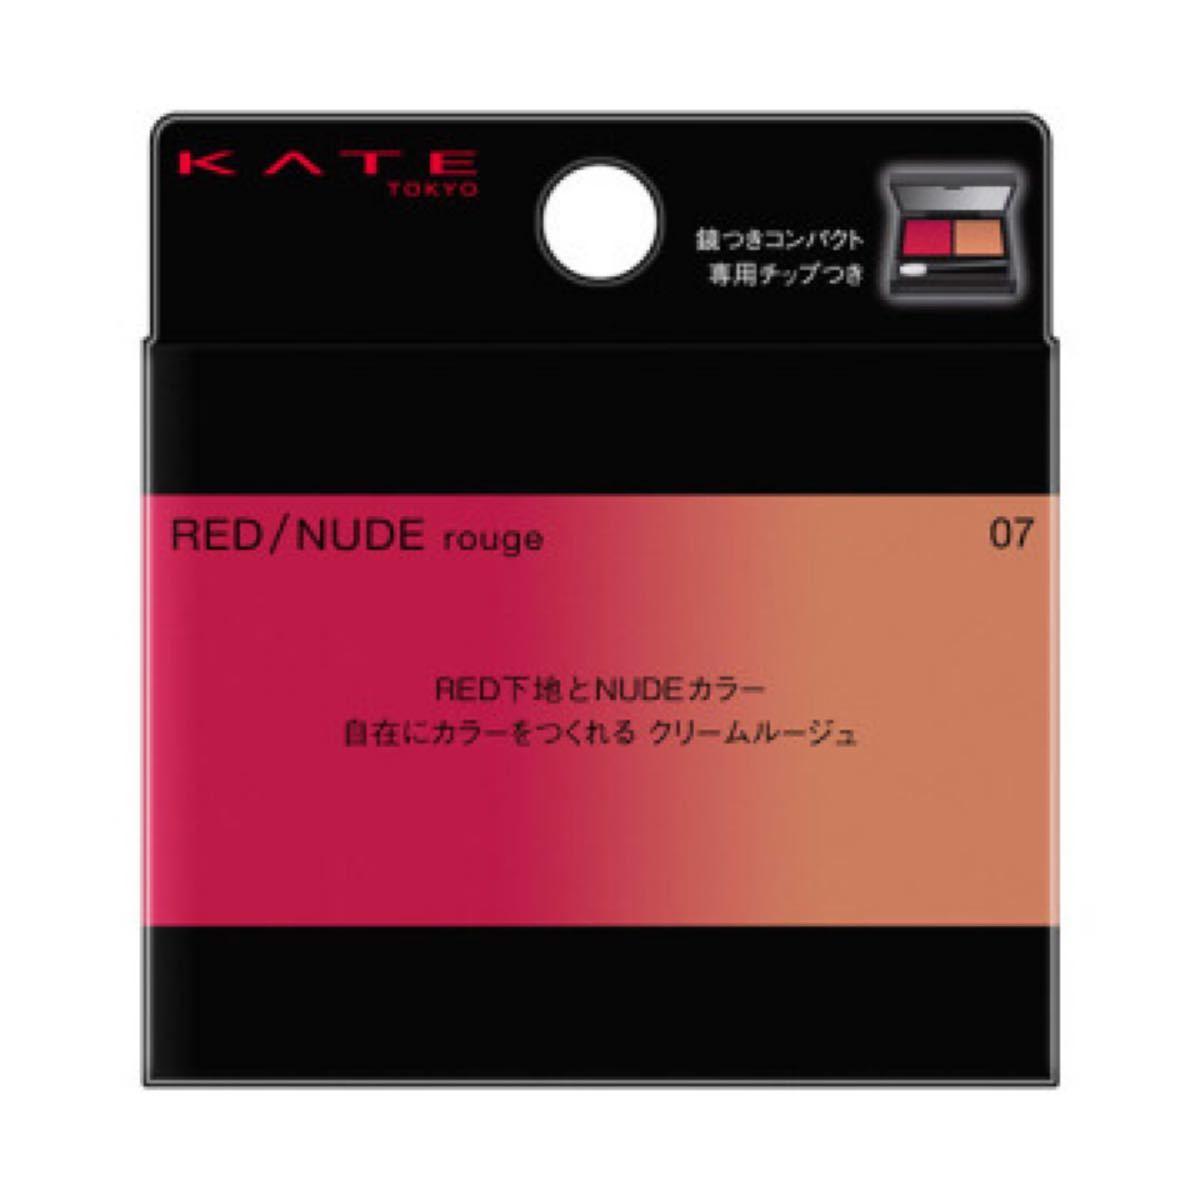 カネボウ KATE ケイト『自分に似合う赤』を作れるクリームタイプの口紅 07色